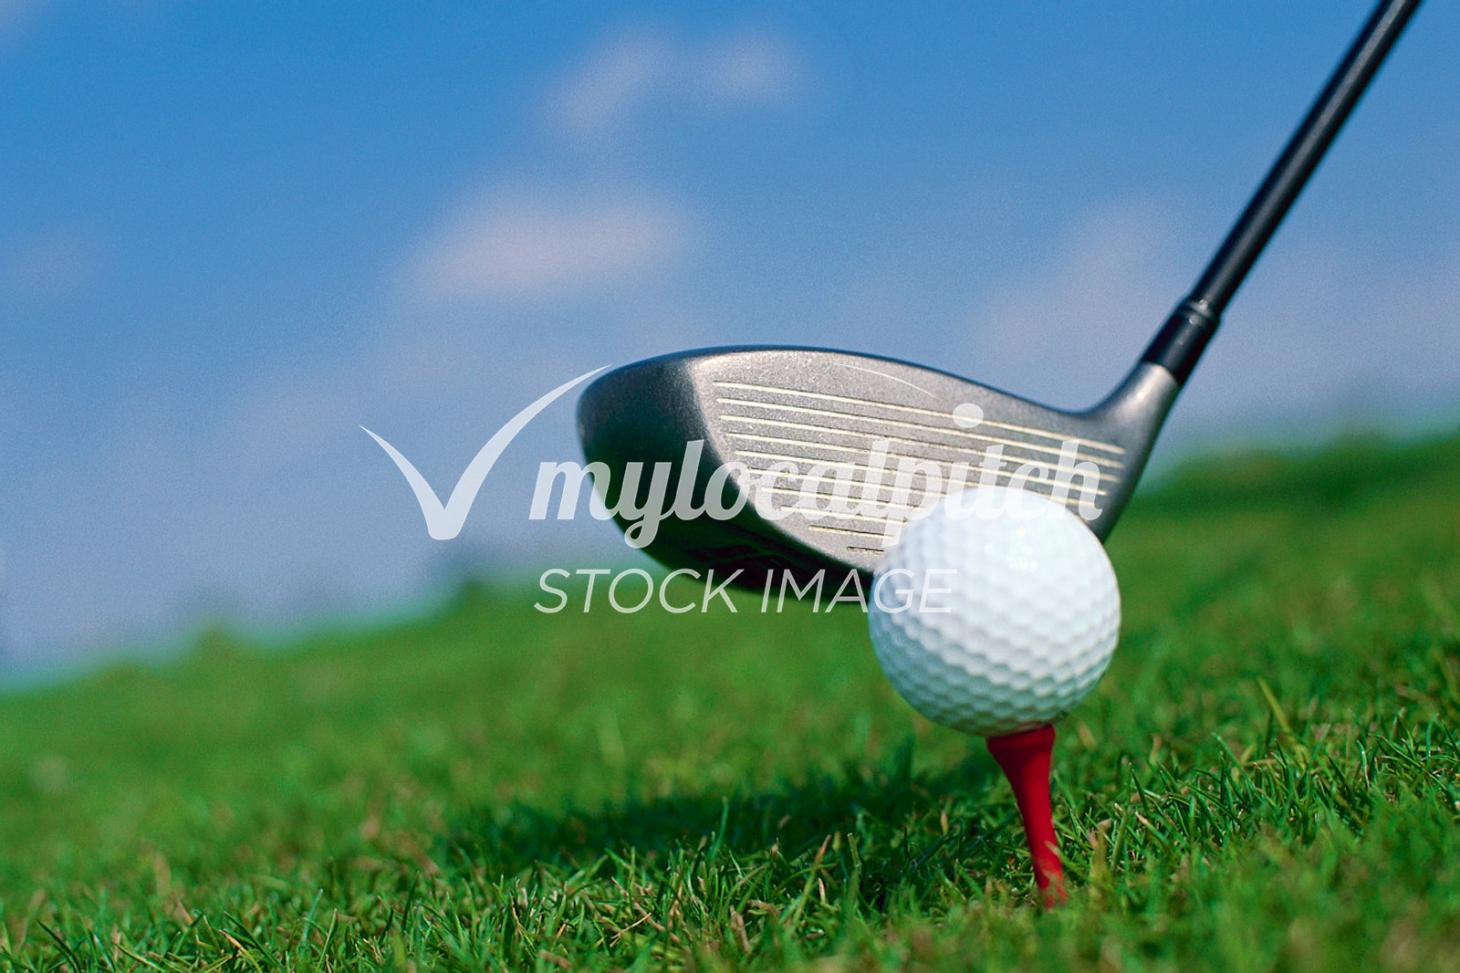 World of Golf Croydon 18 hole golf course